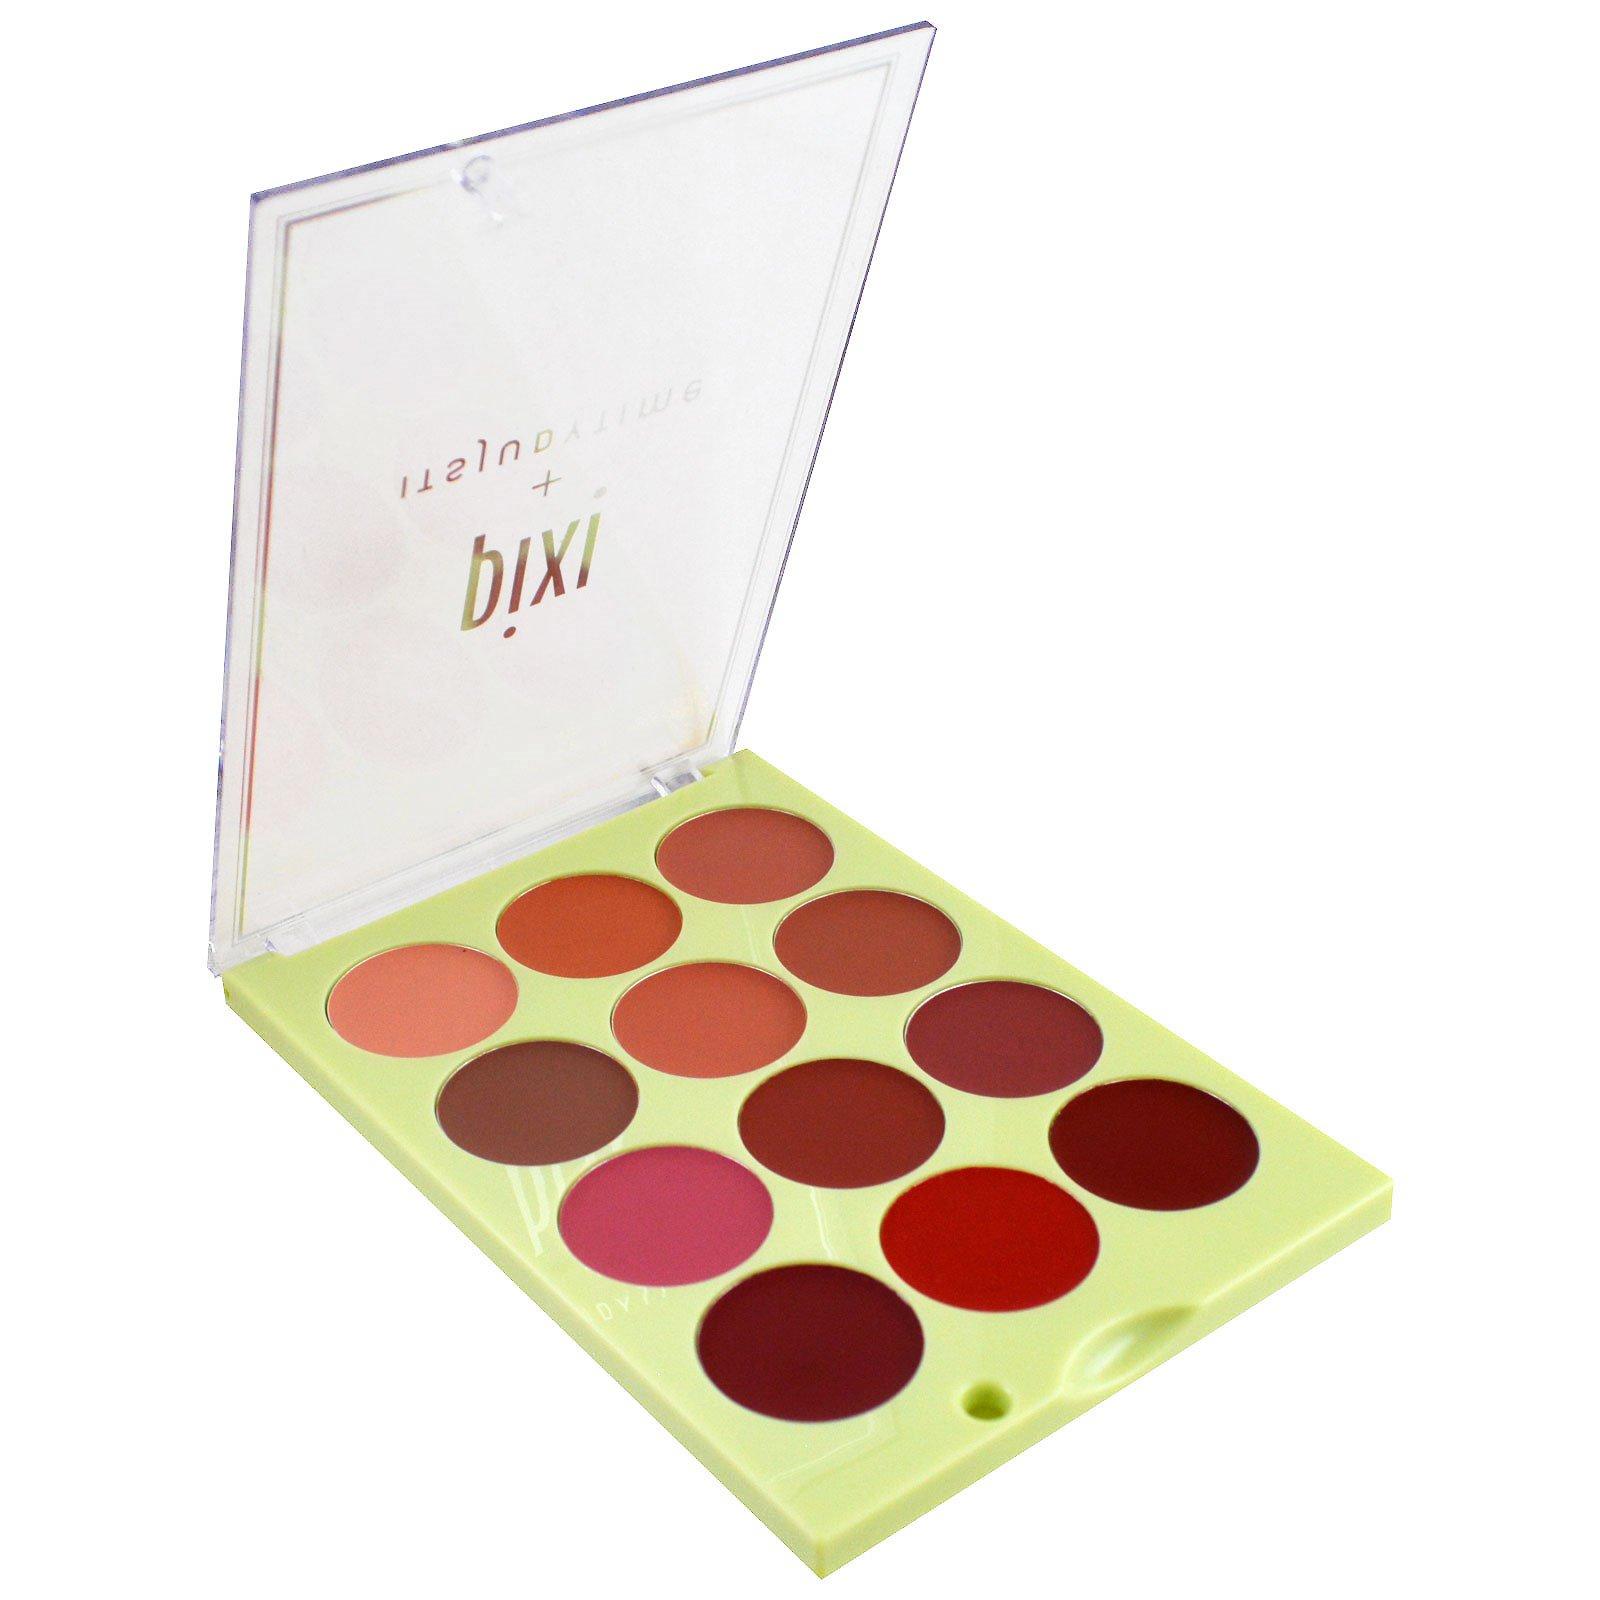 Pixi Beauty, Get the Look, ItsLipTime, 12 x 0,03 унции (0,76 г)